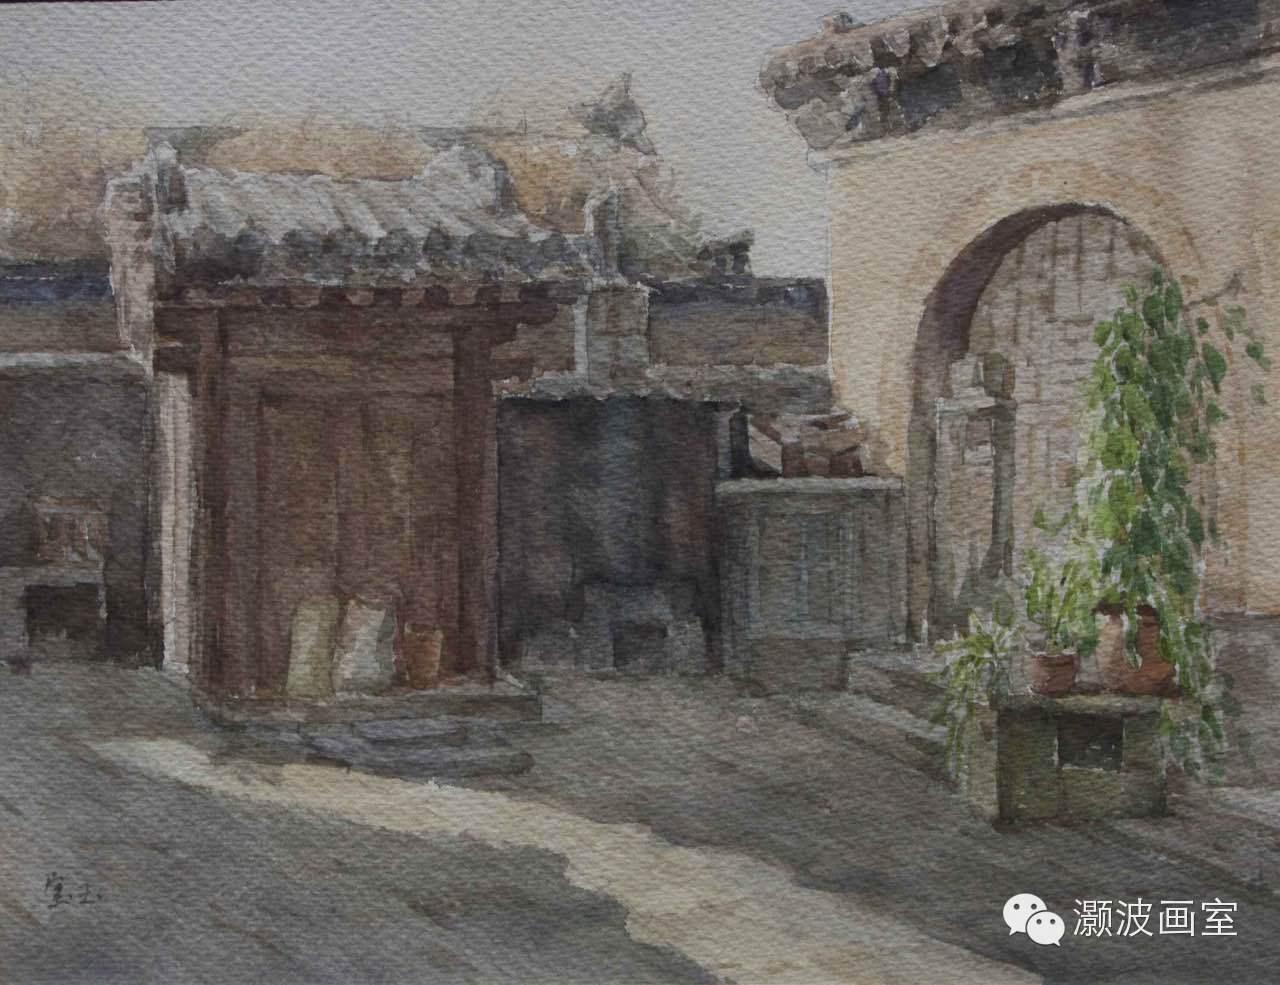 著名蒙古族青年水彩画家宝玉作品欣赏 第1张